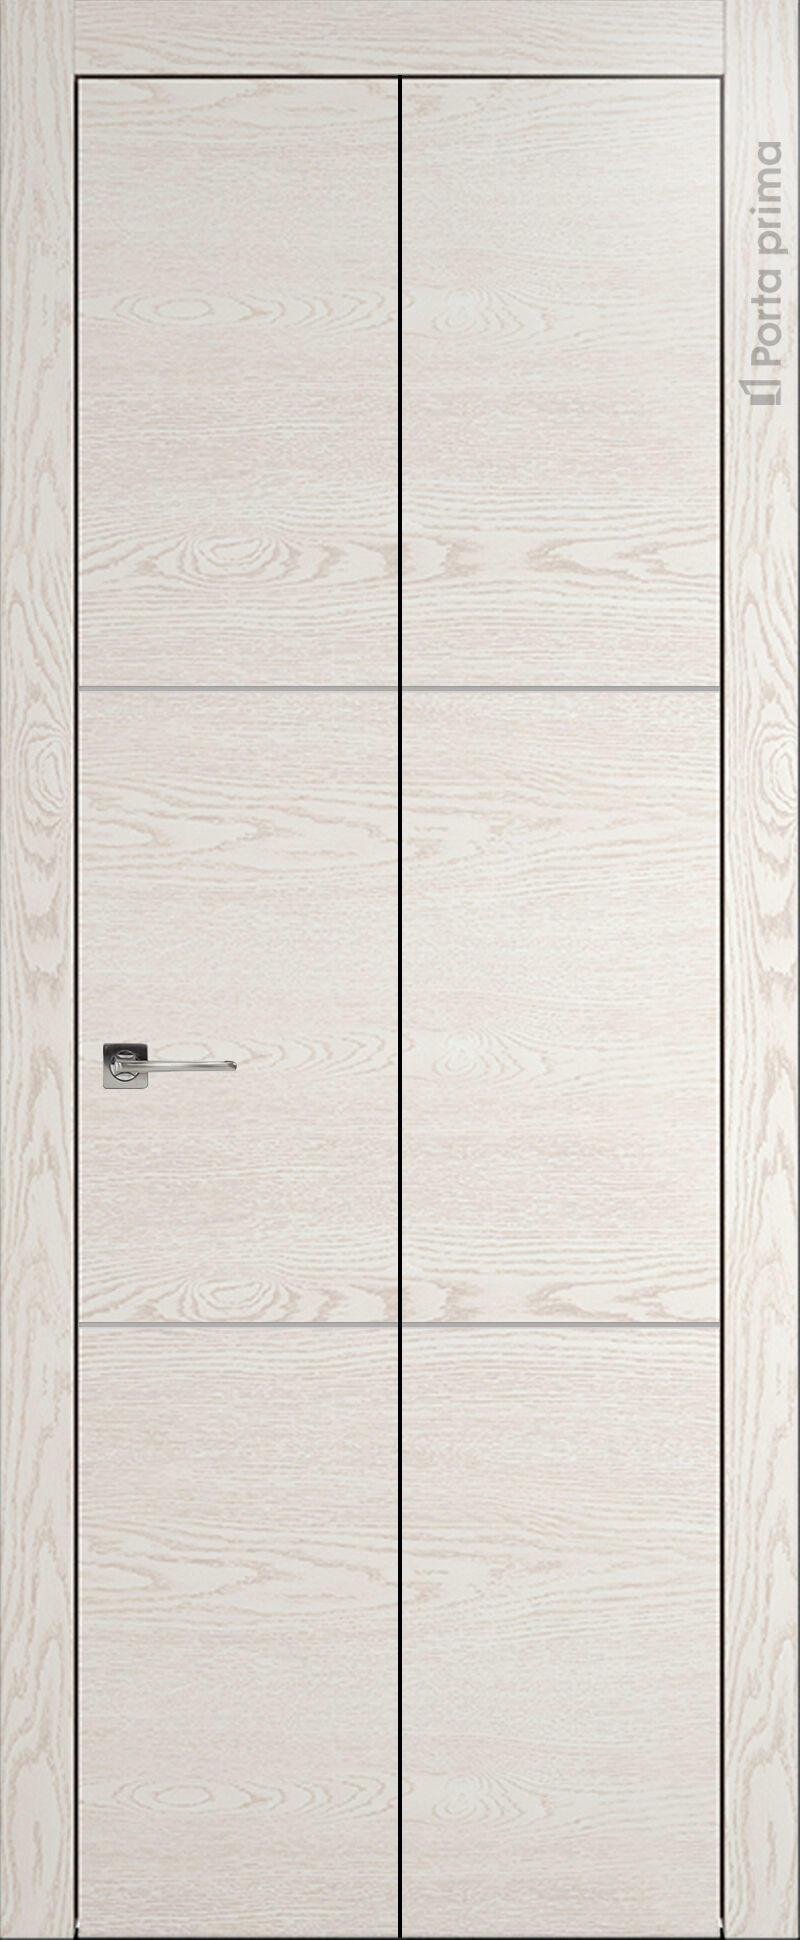 Tivoli В-2 Книжка цвет - Белый ясень Без стекла (ДГ)